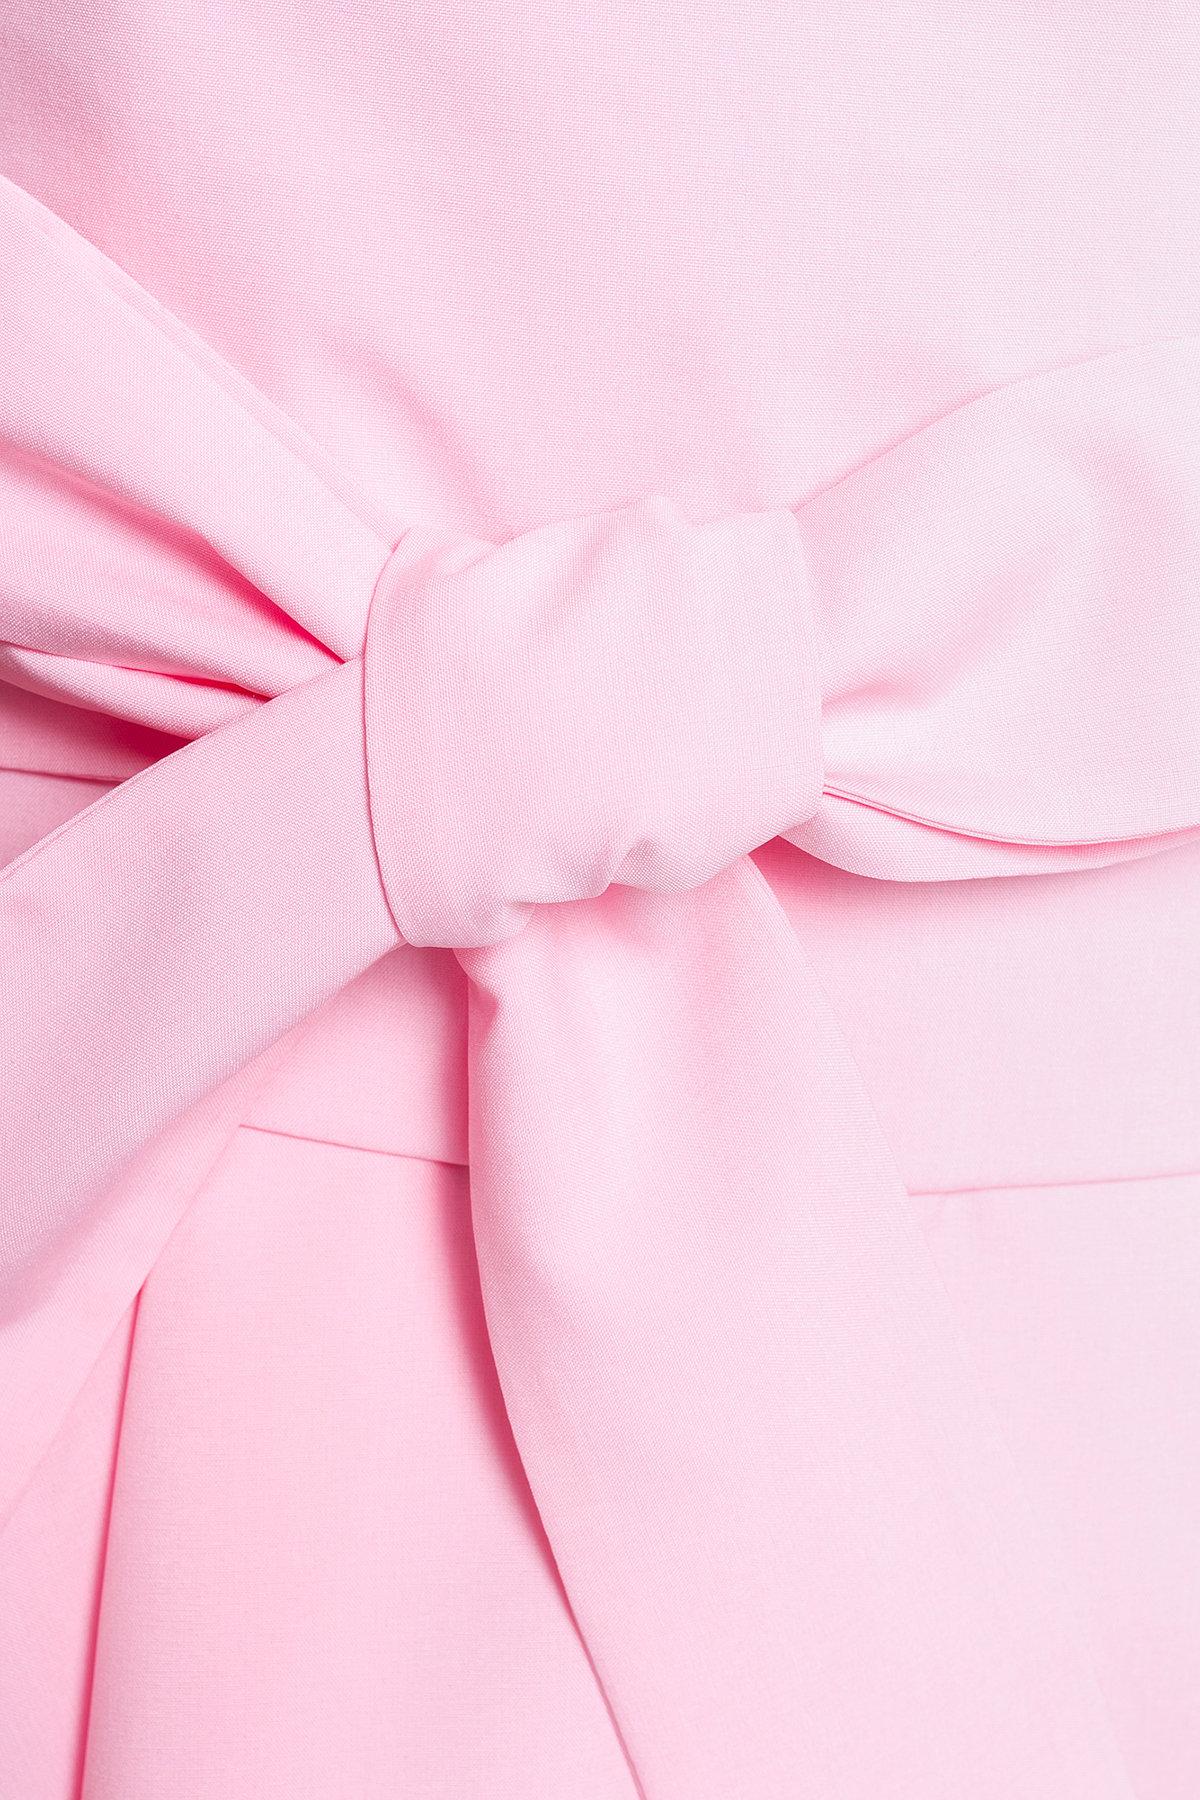 Платье Афродита 238 АРТ. 14930 Цвет: Розовый - фото 3, интернет магазин tm-modus.ru